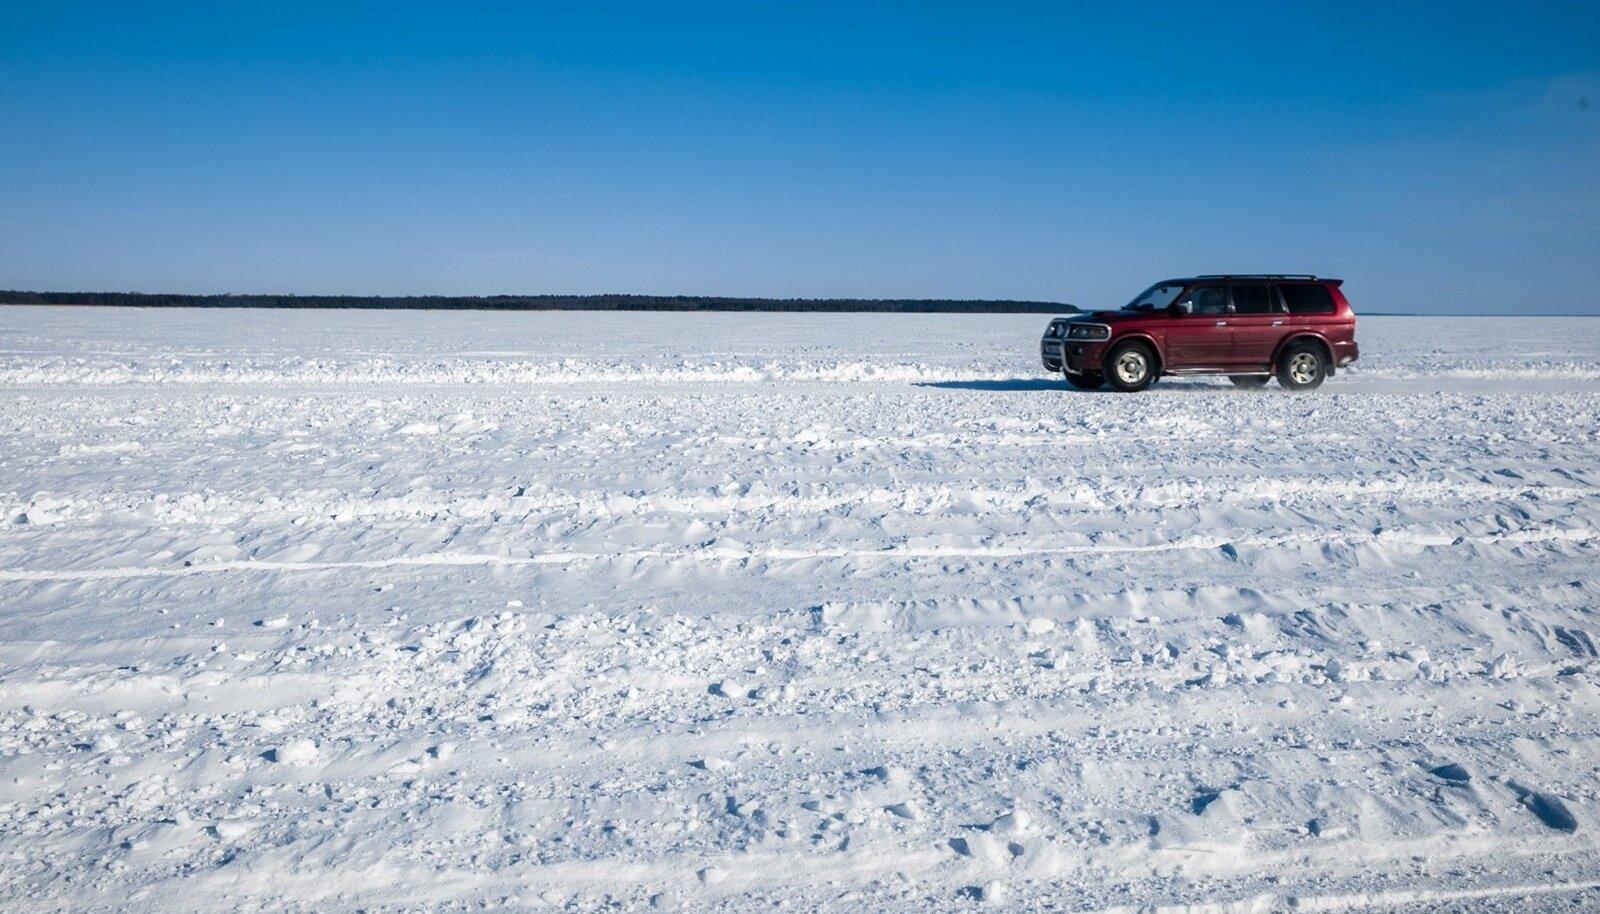 Vormsi jäätee 2018 märtsis